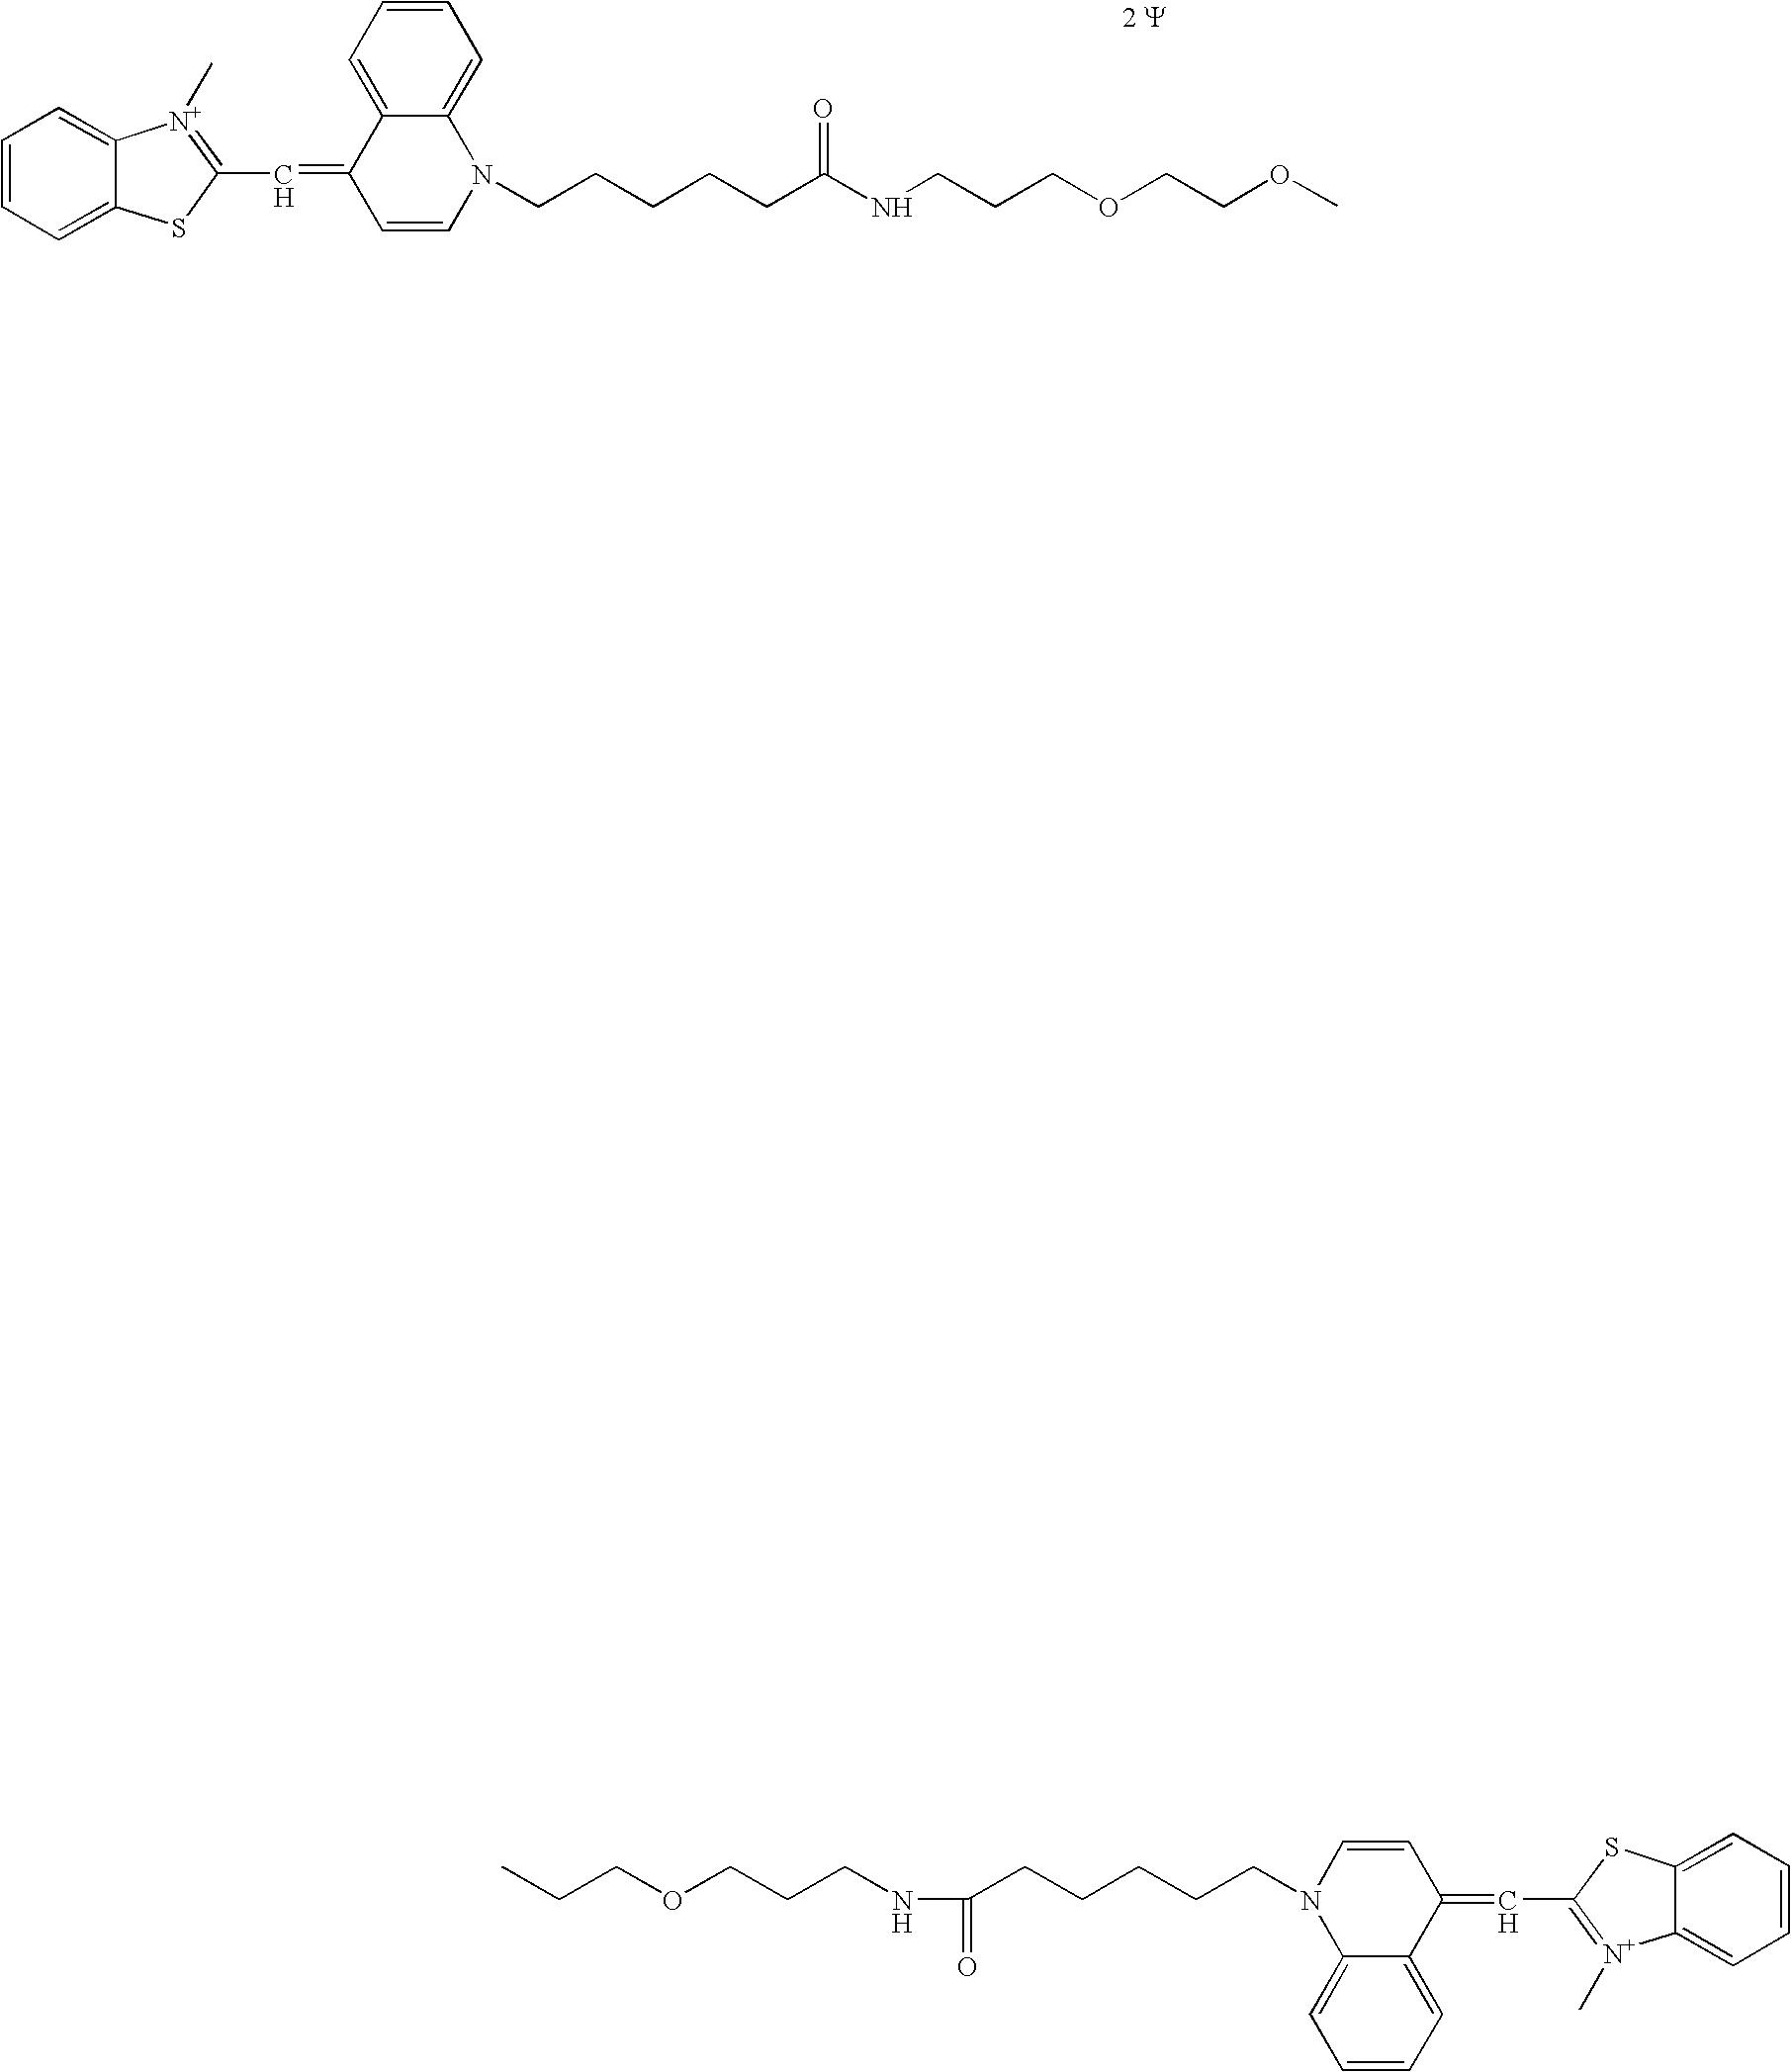 Figure US20060211028A1-20060921-C00109